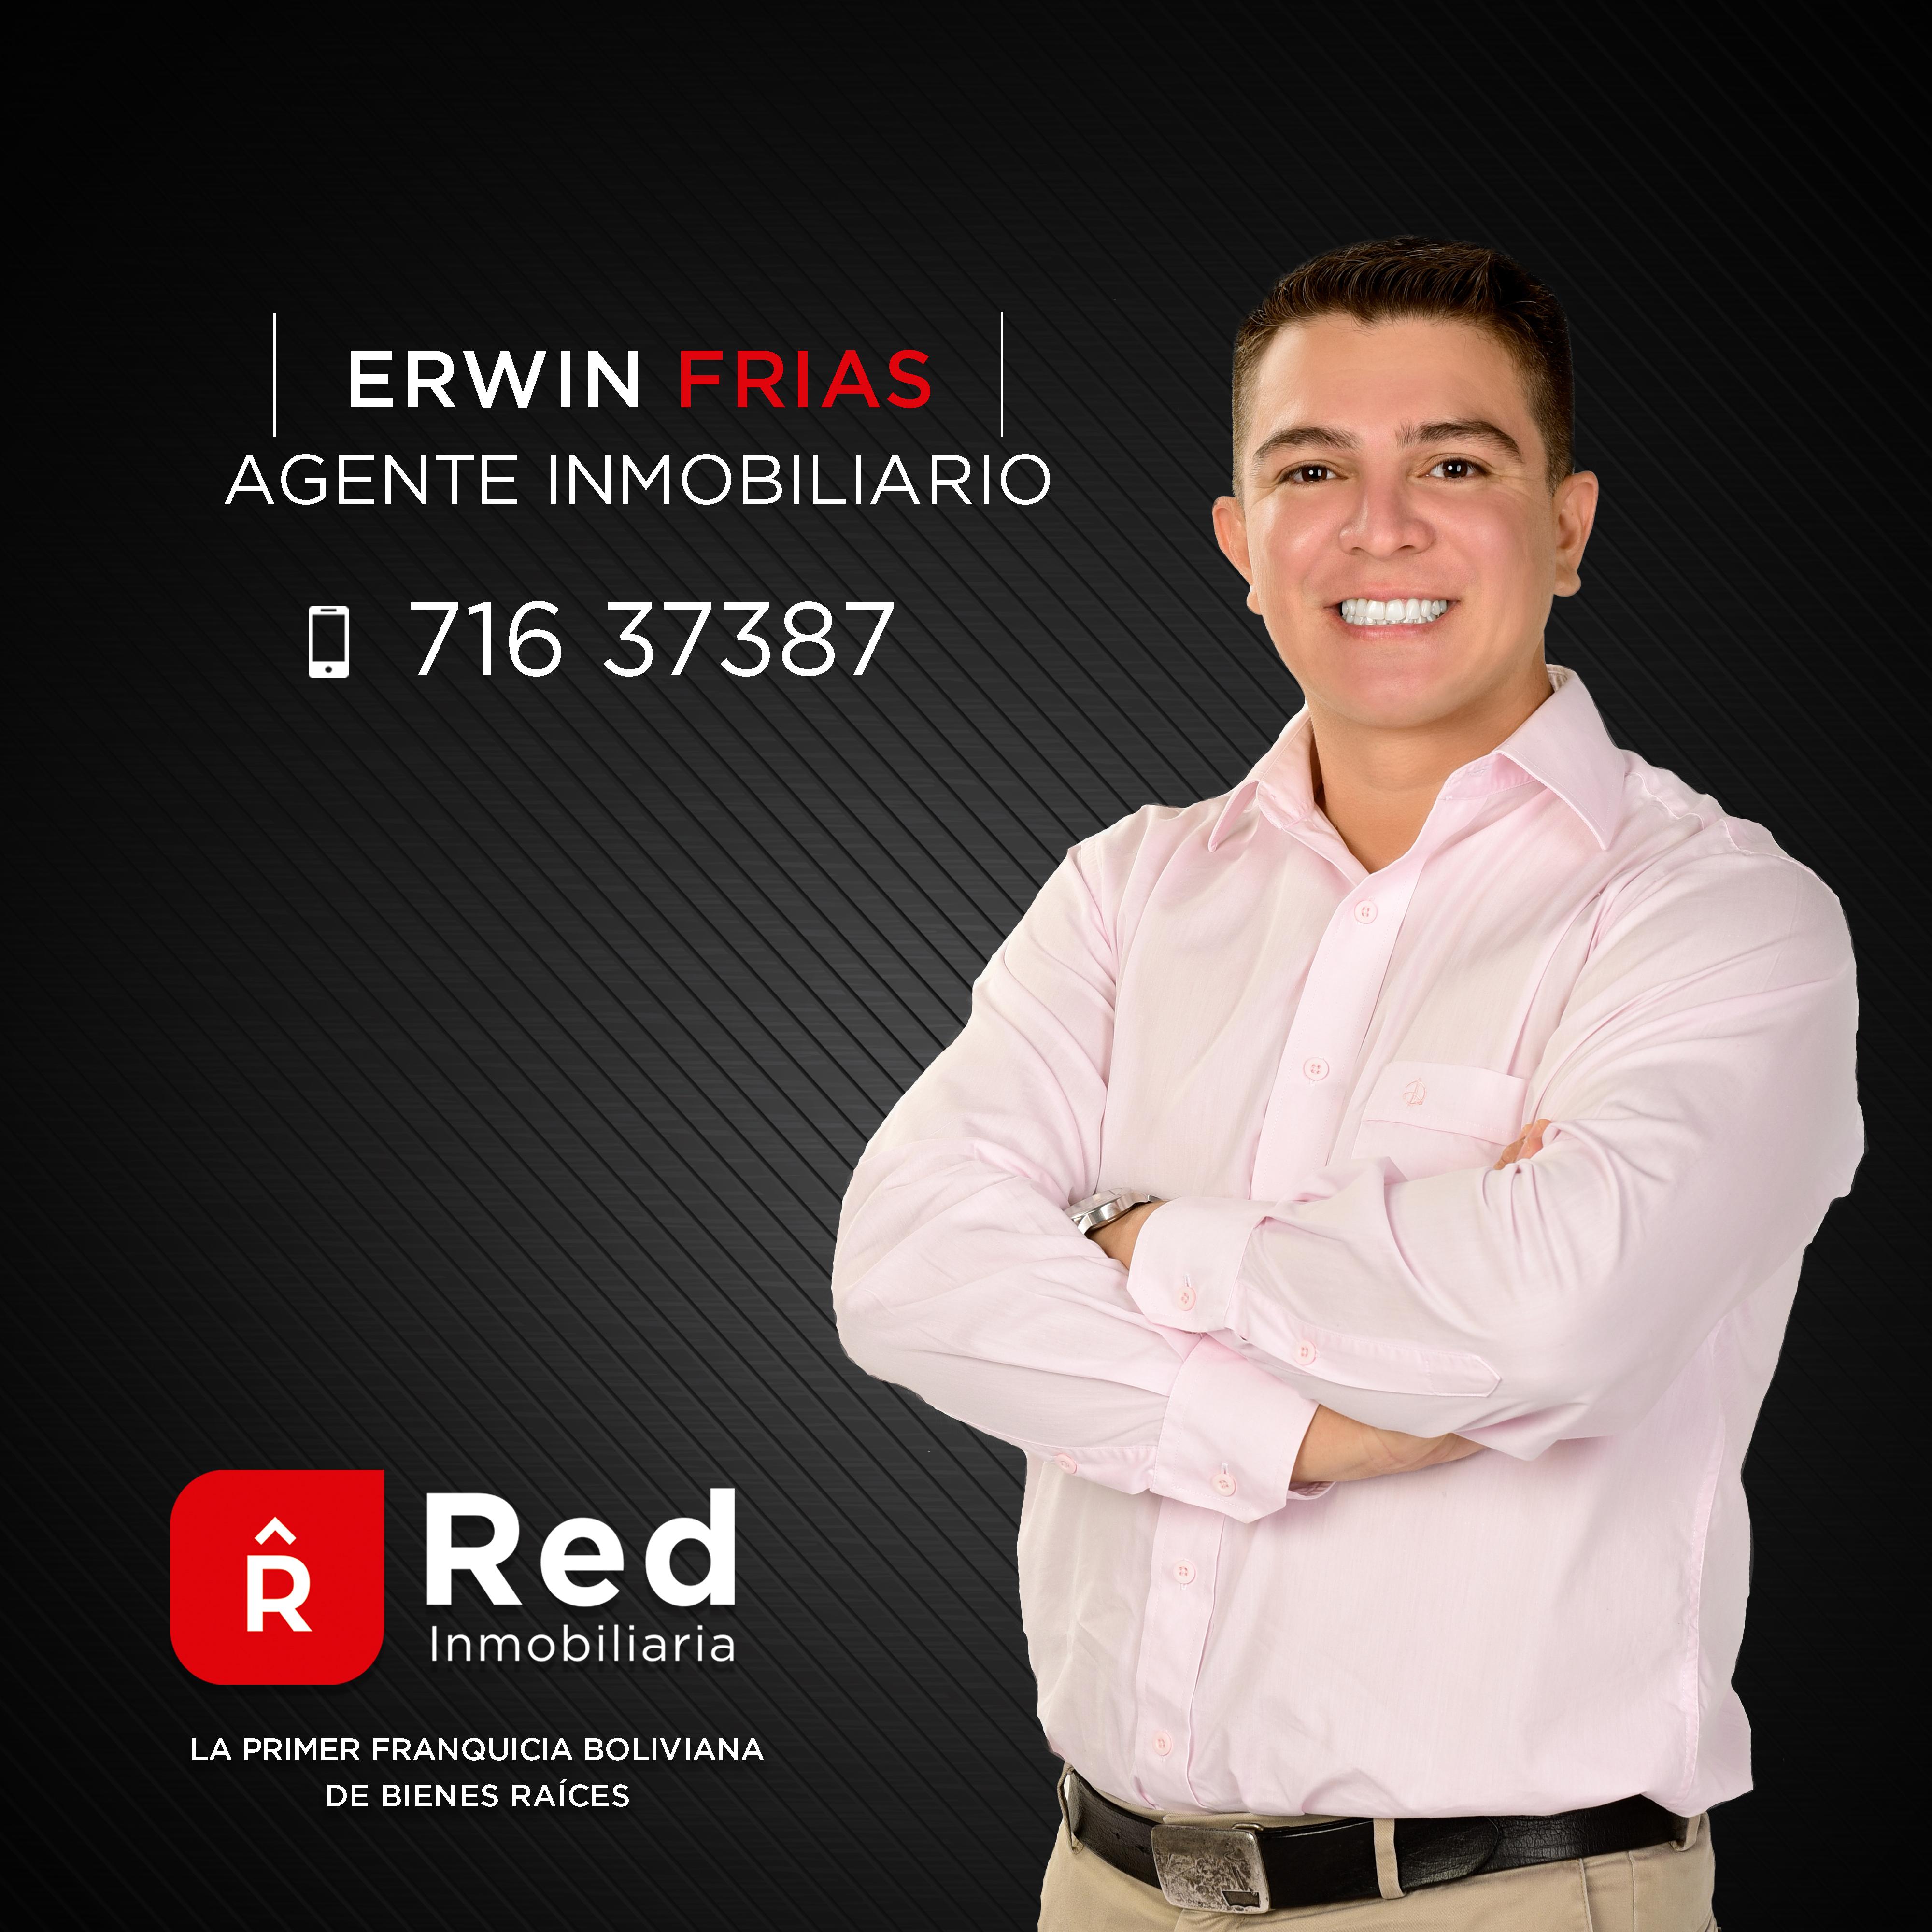 Erwin frias - RED Inmobiliaria